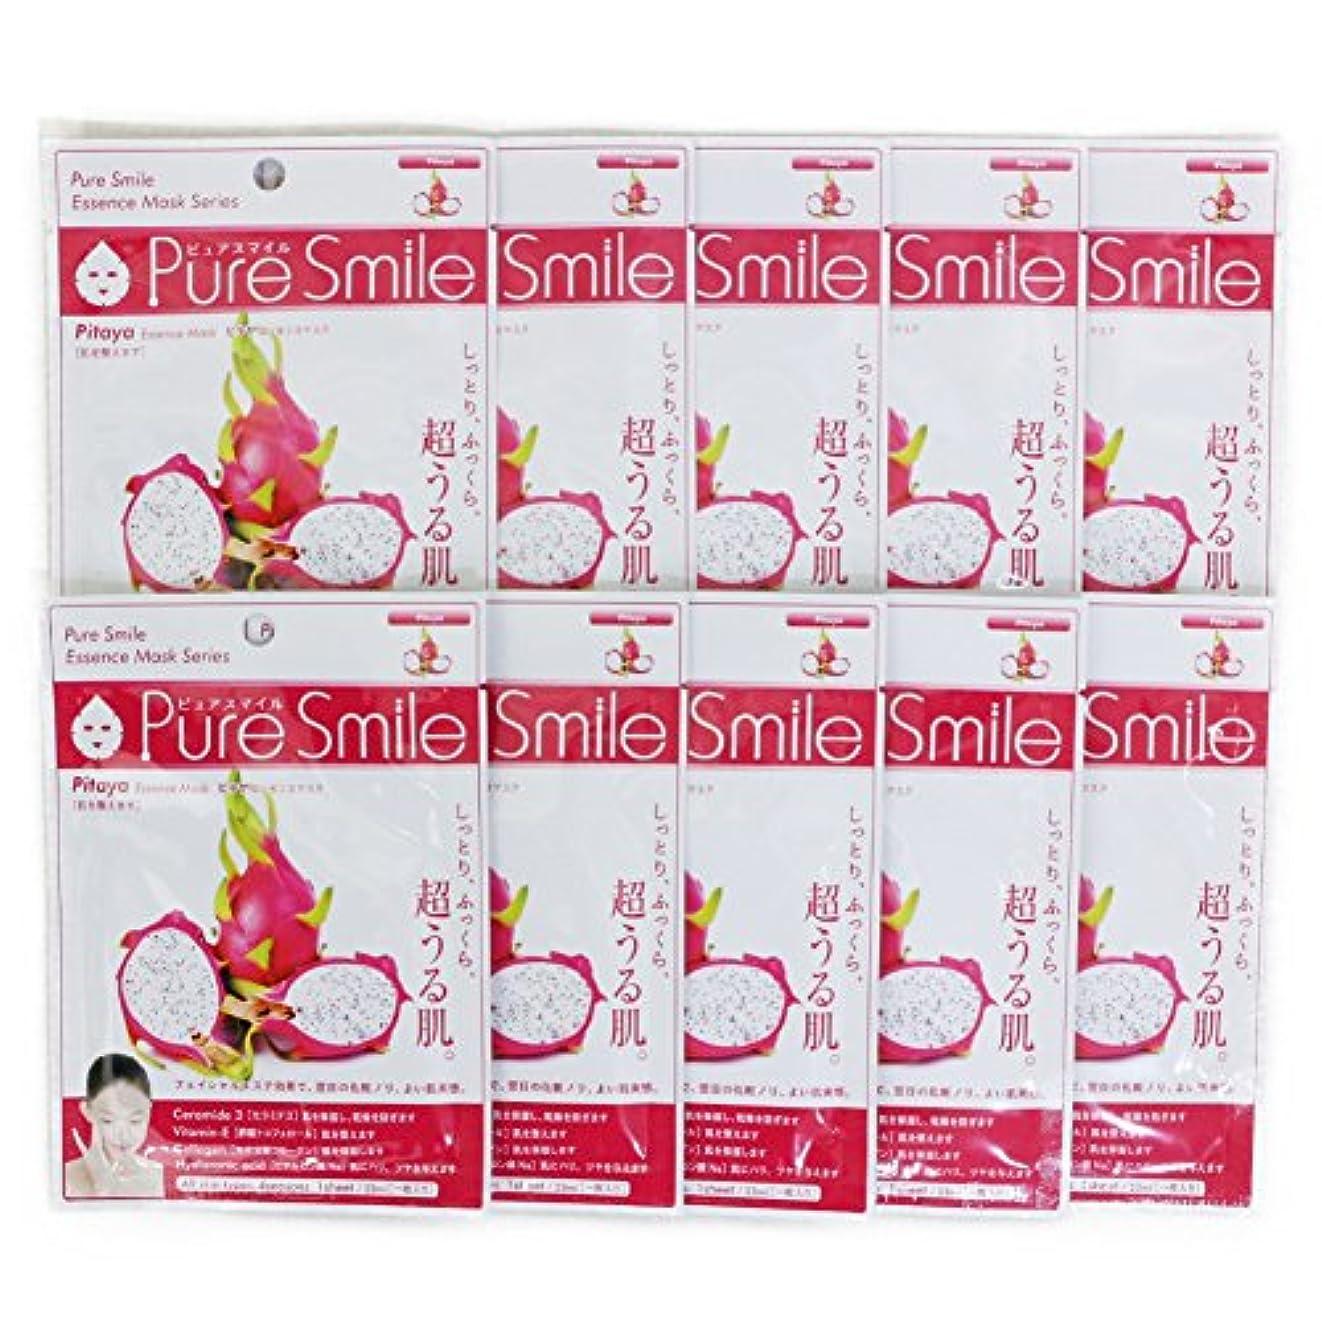 姿勢抗議あなたが良くなりますPure Smile ピュアスマイル エッセンスマスク ピタヤ 10枚セット